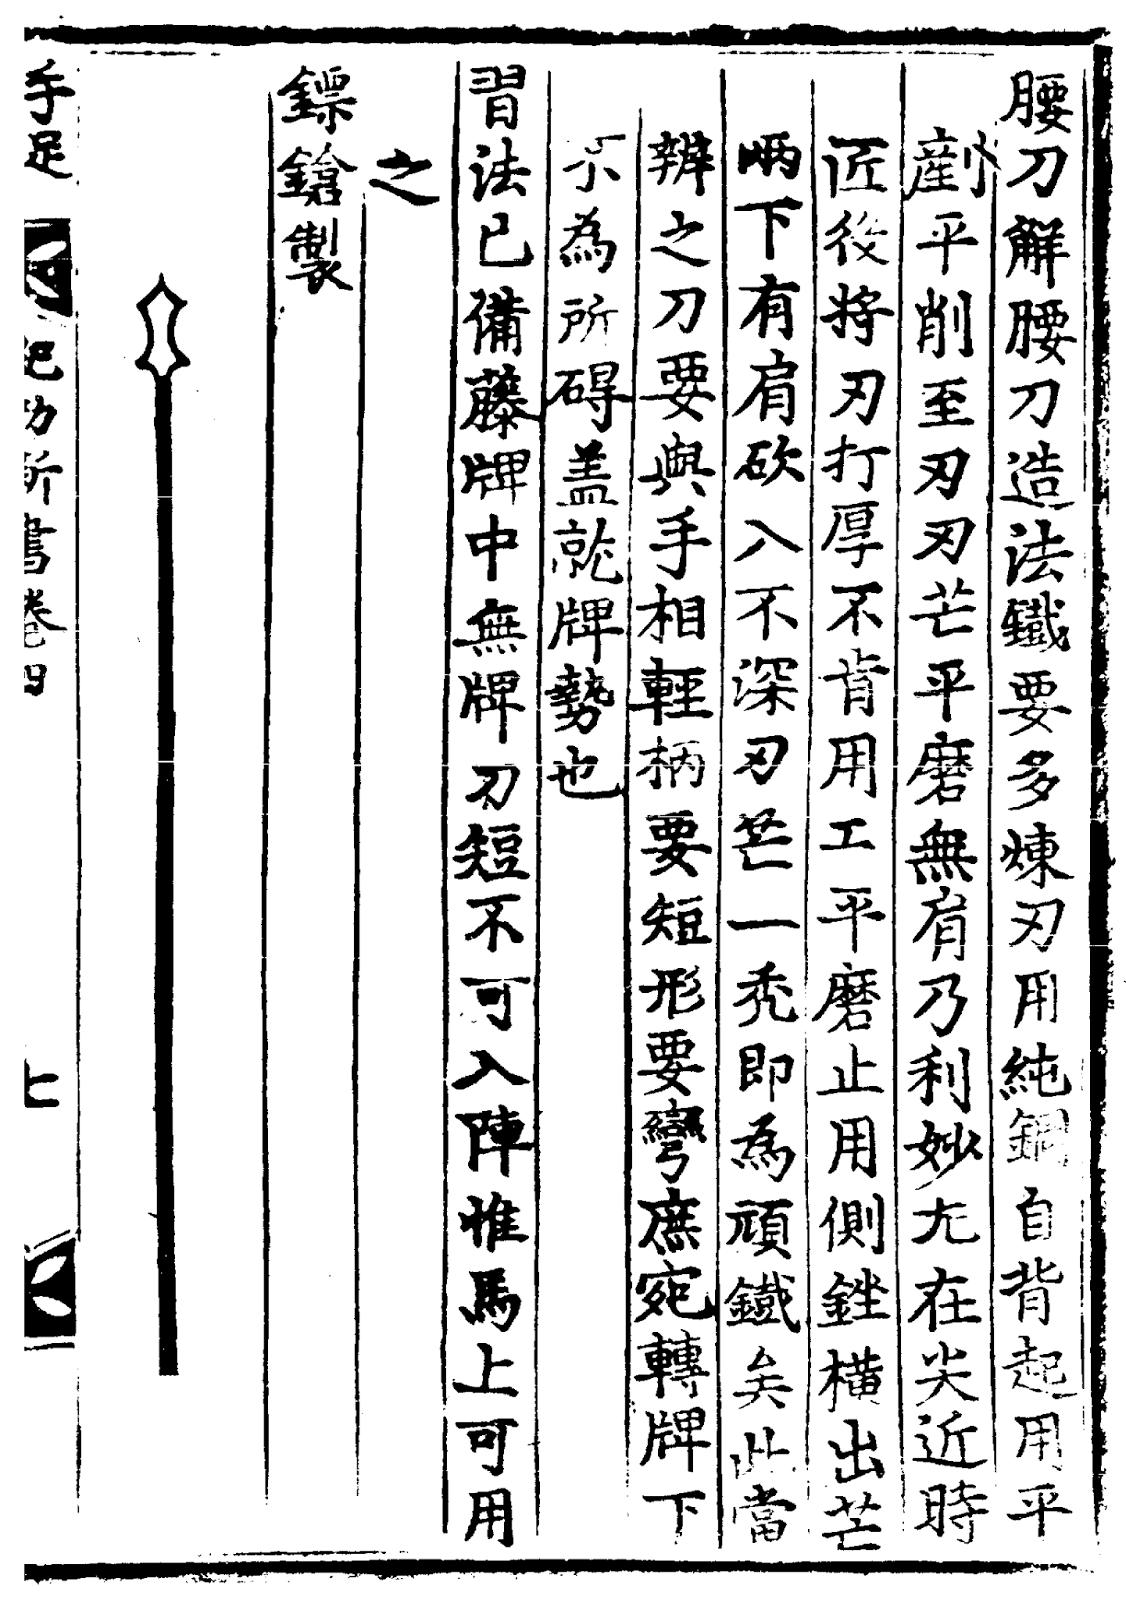 Chinese Javelin